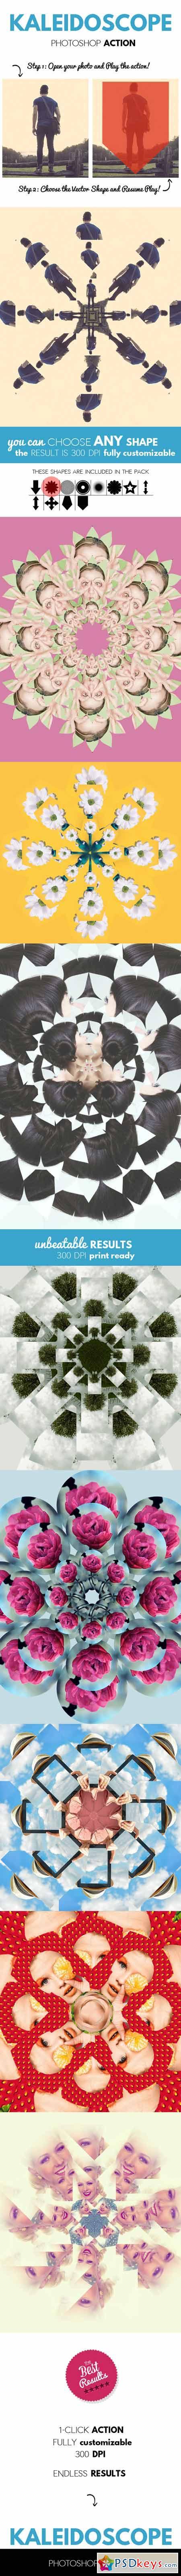 Kaleidoscope Abstract Effect Photoshop Action 12596921